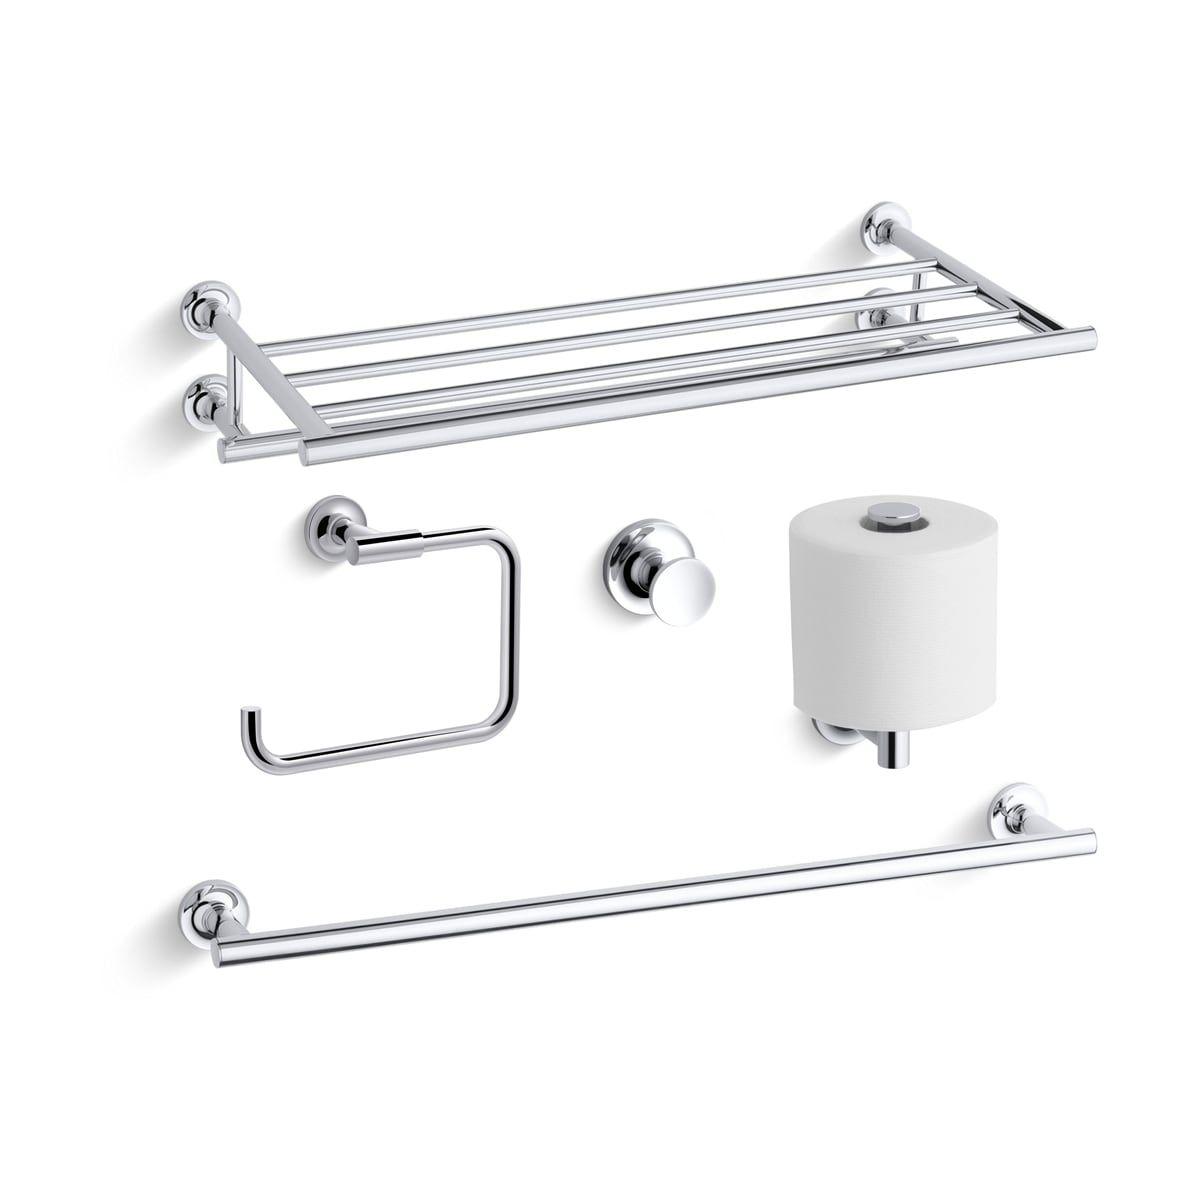 Pin On Towel Bars Bath Accessories Zen